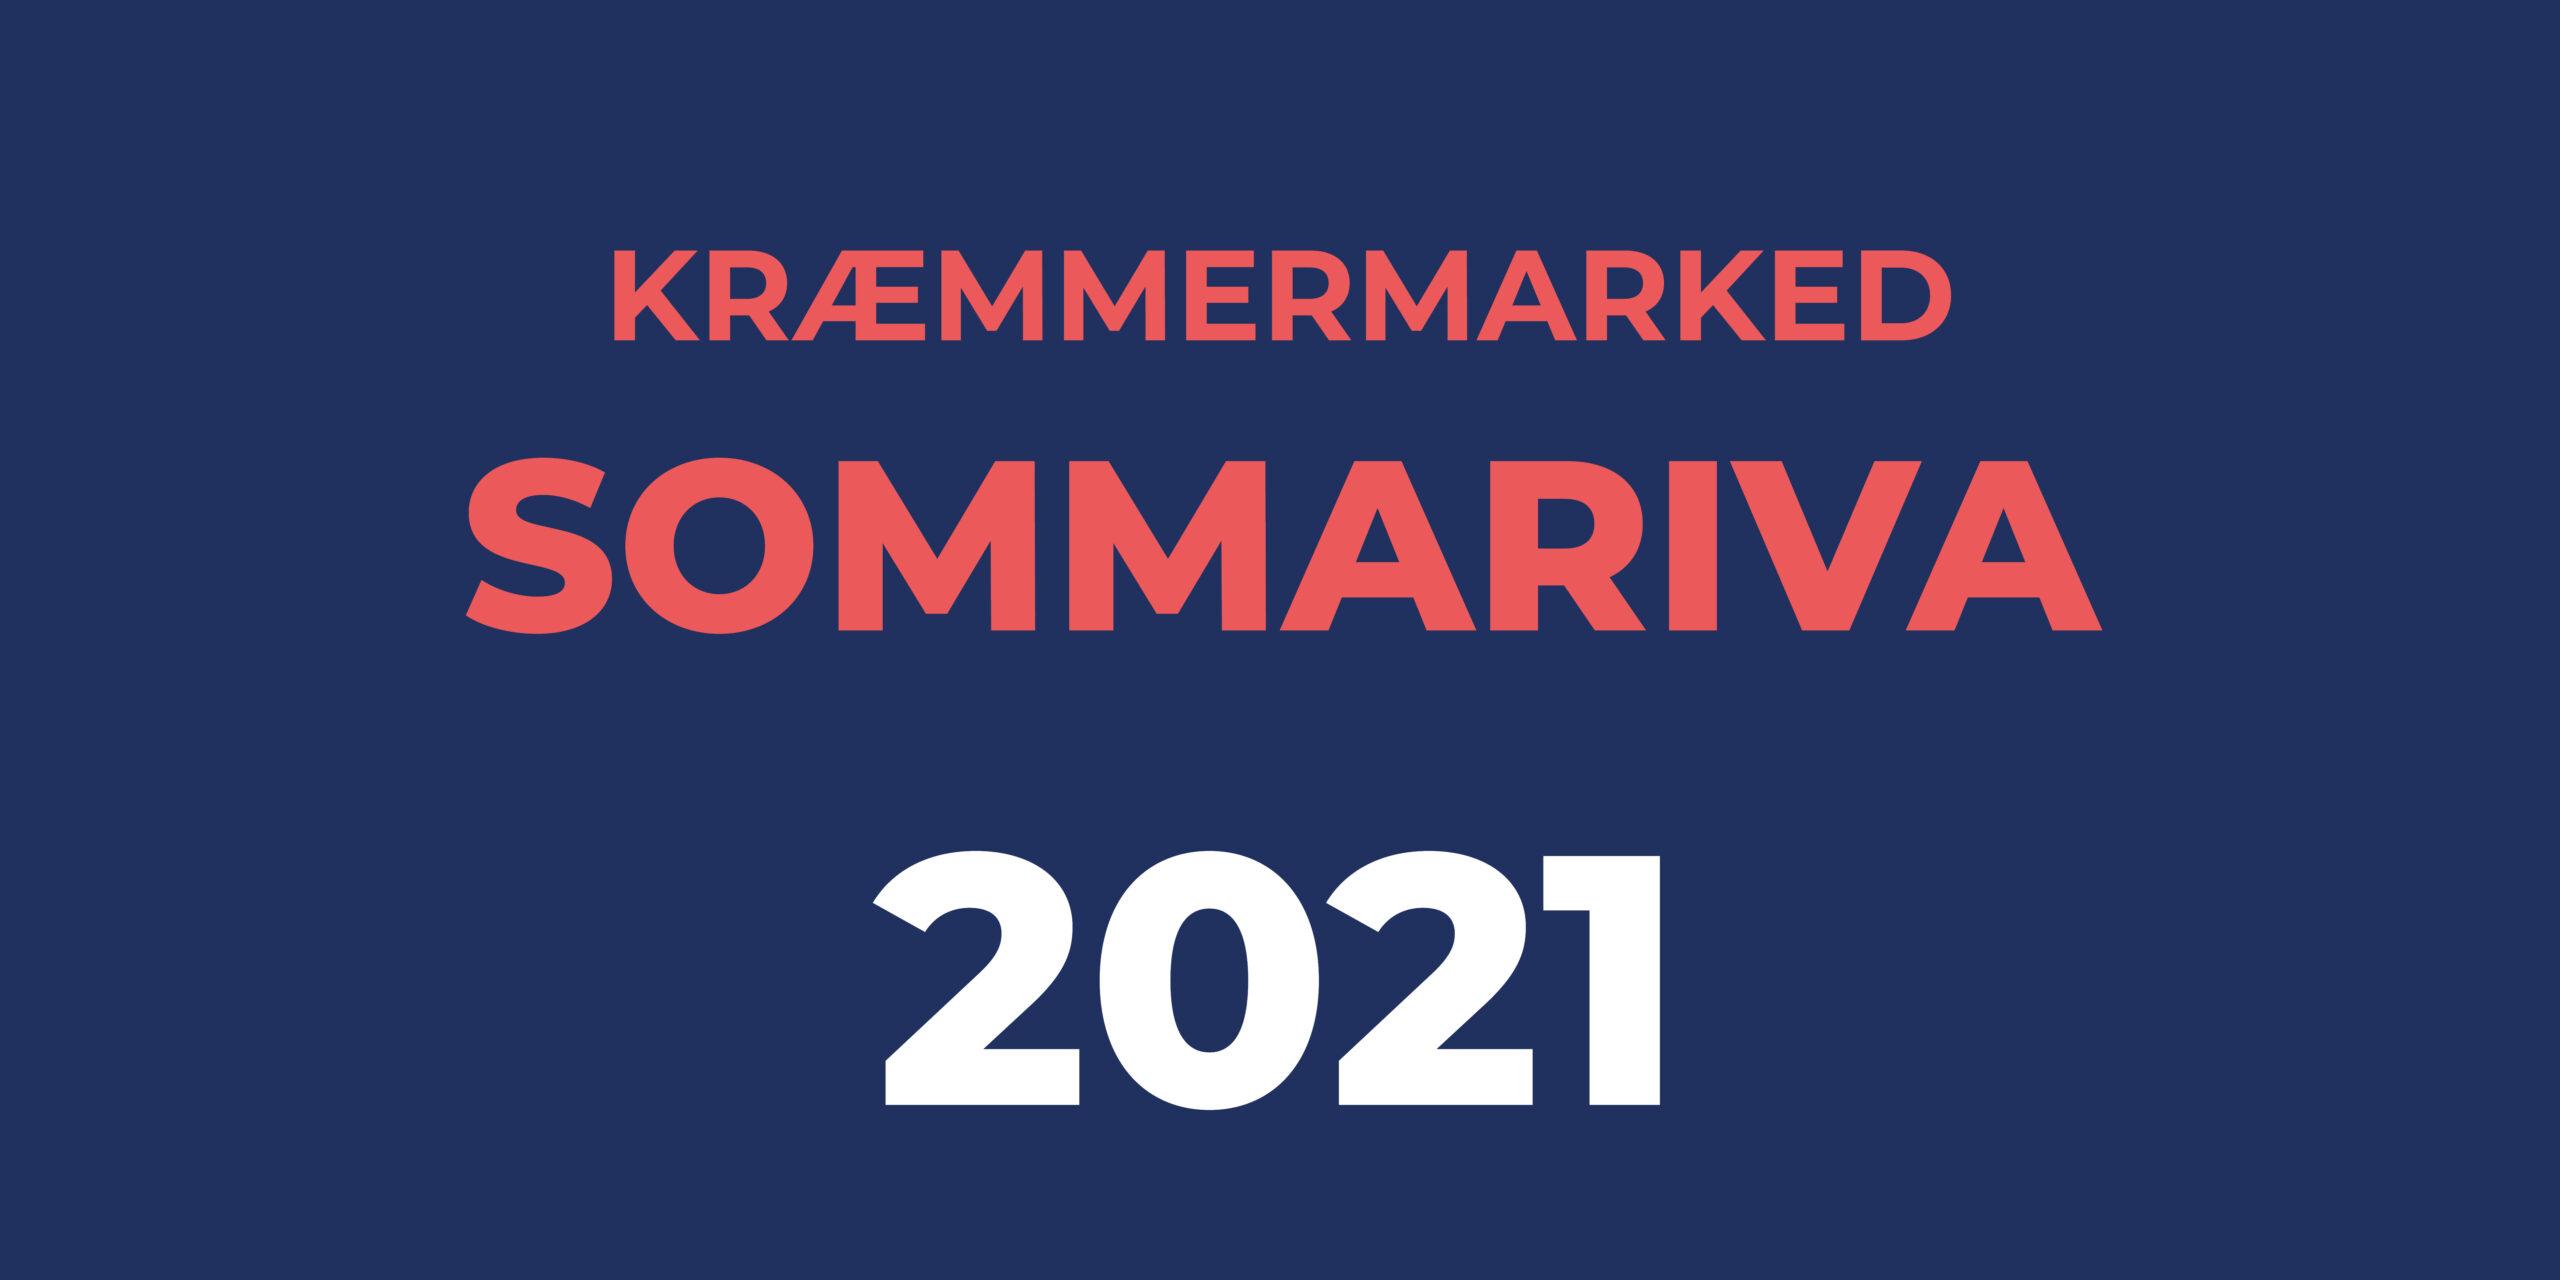 Sommariva Kræmmermarked 2021